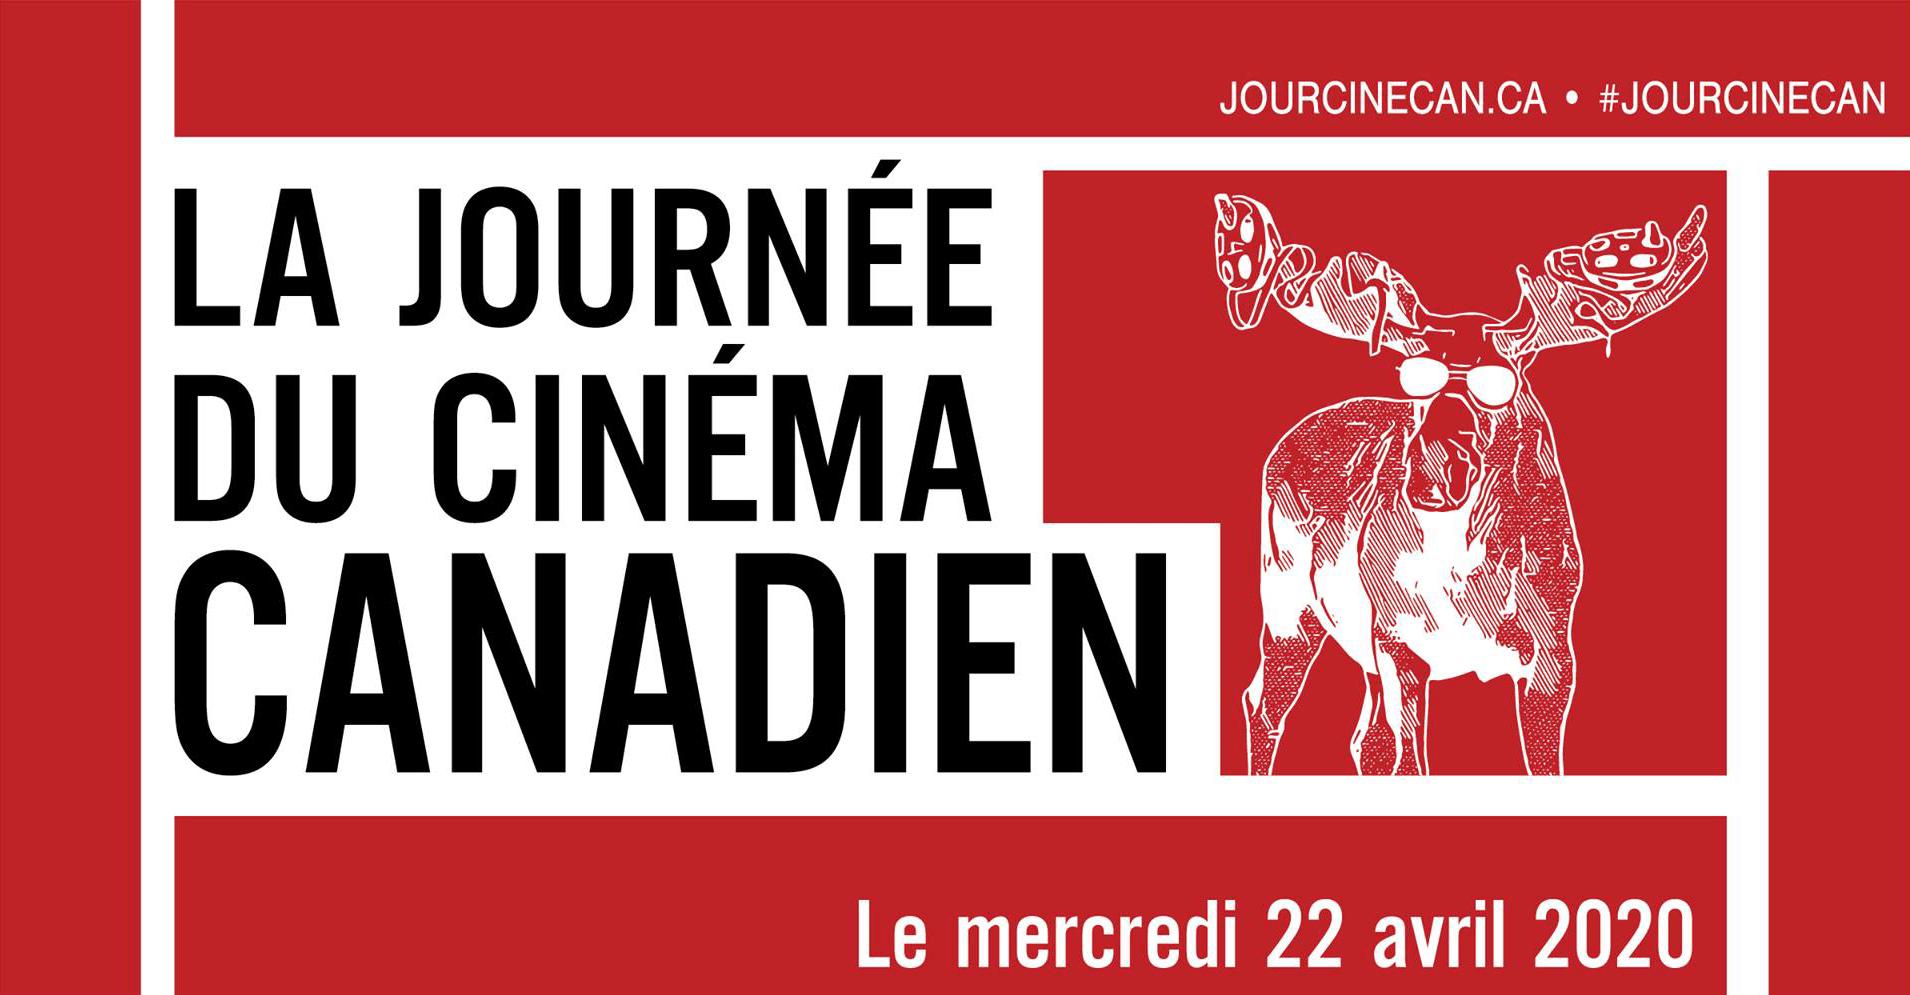 La Journée du Cinéma Canadien